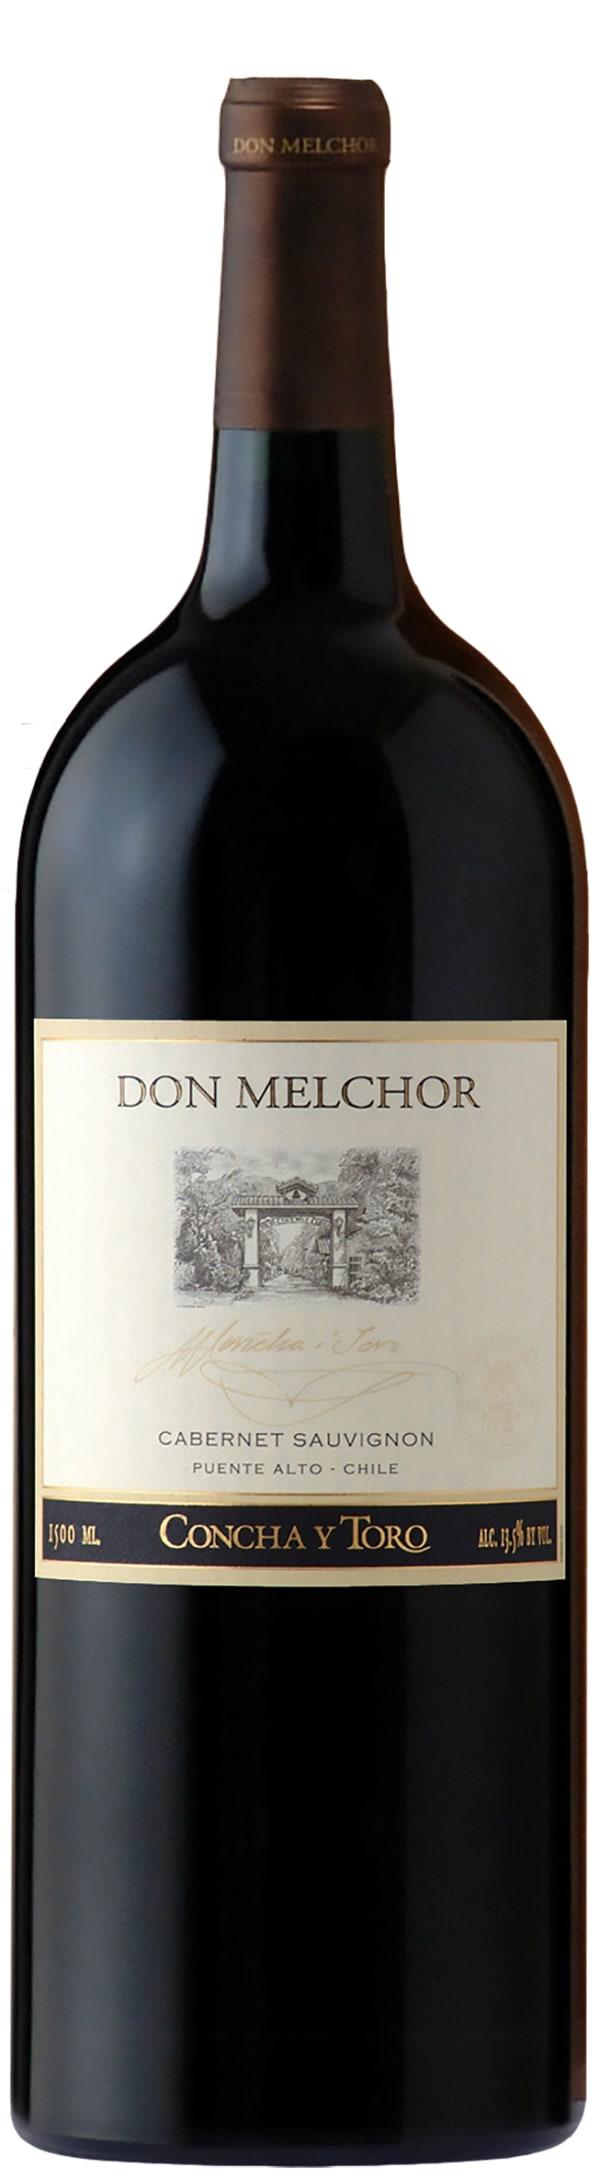 Don Melchor Cabernet Sauvignon 2013